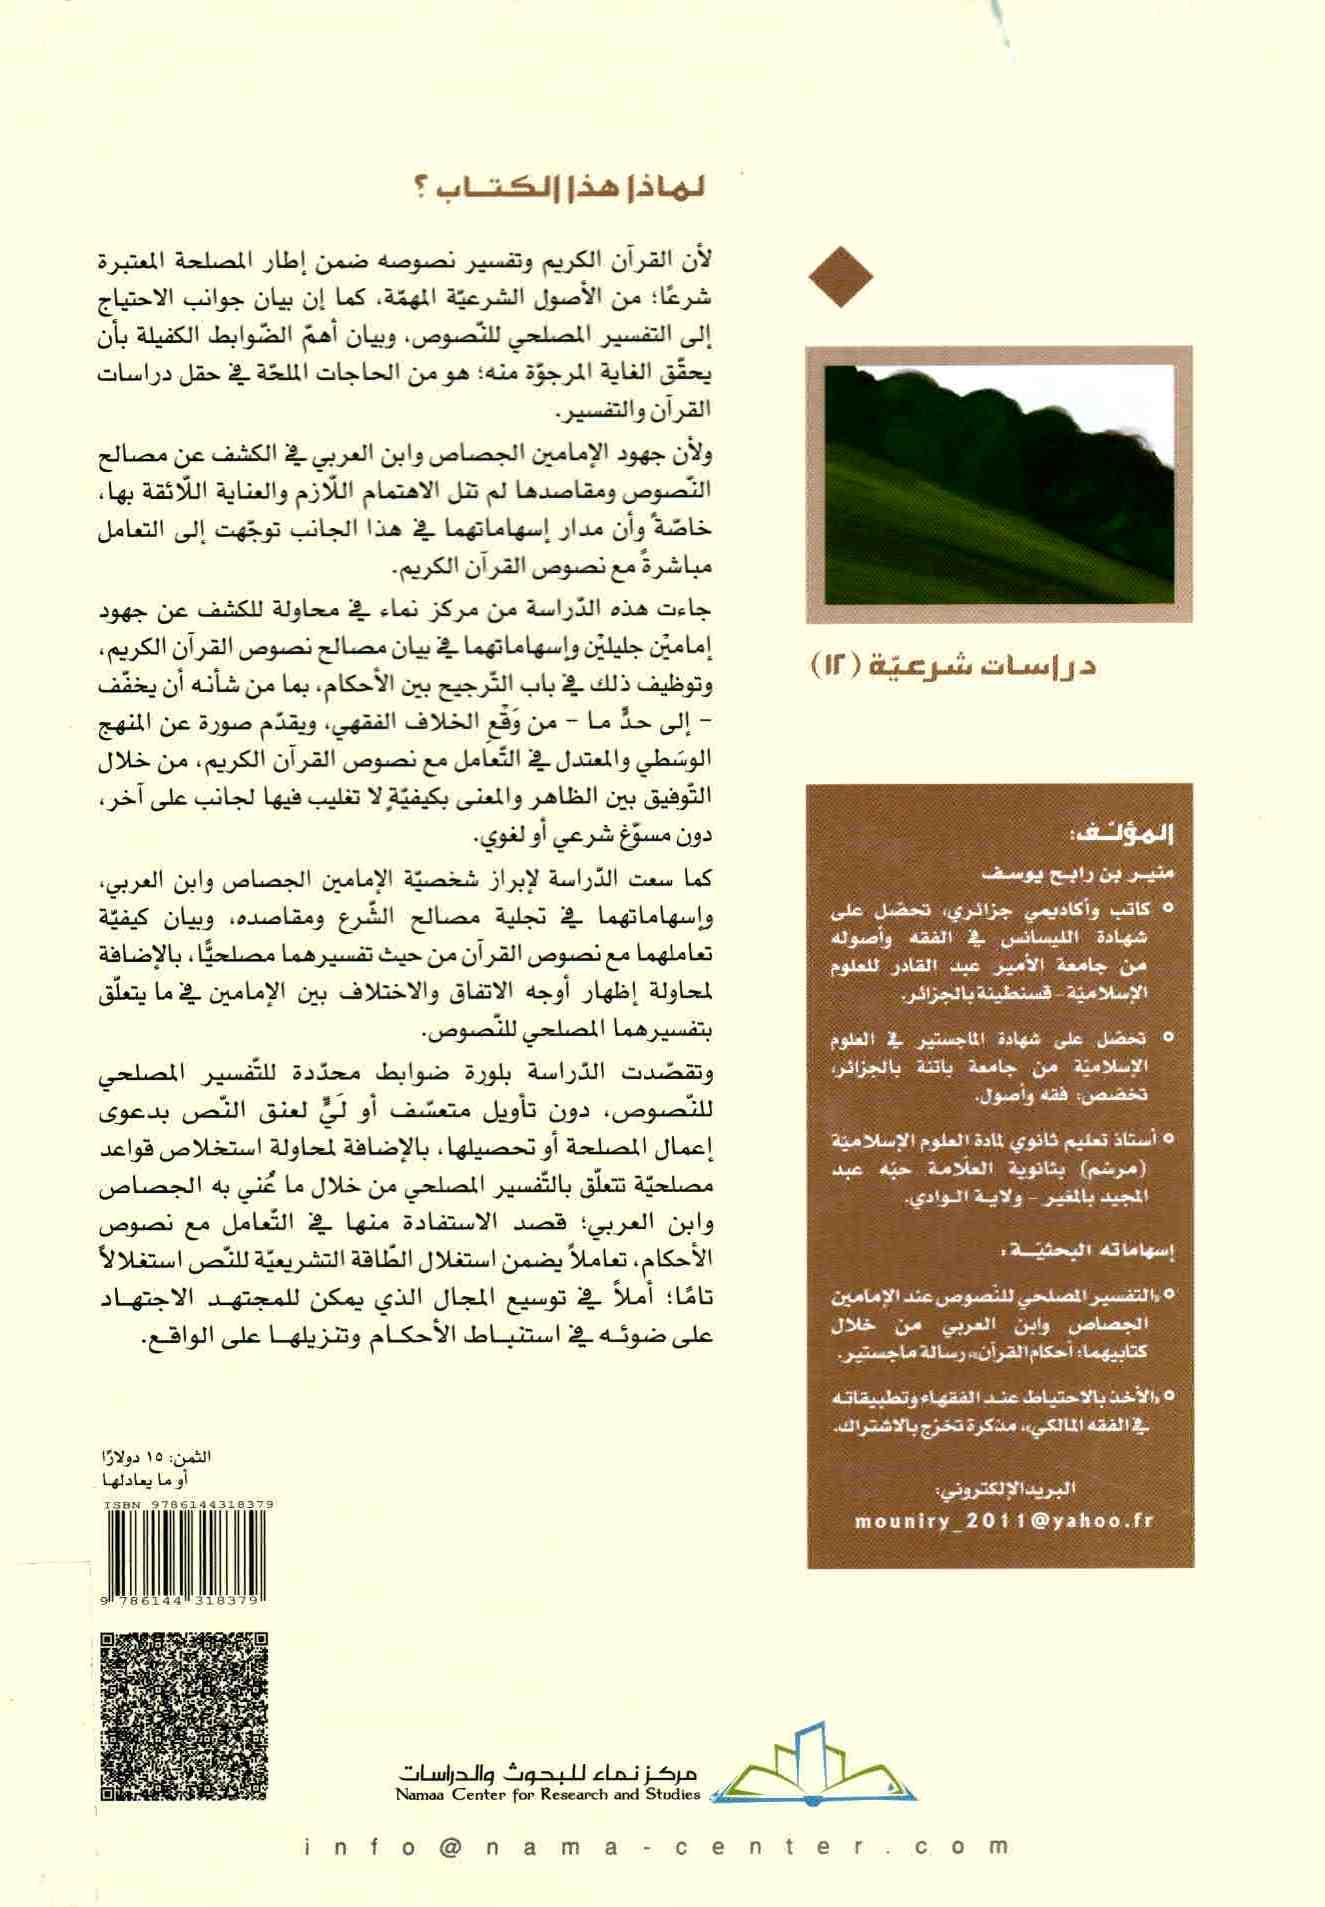 غلاف كتاب التفسير المصلحي لنصوص القرآن